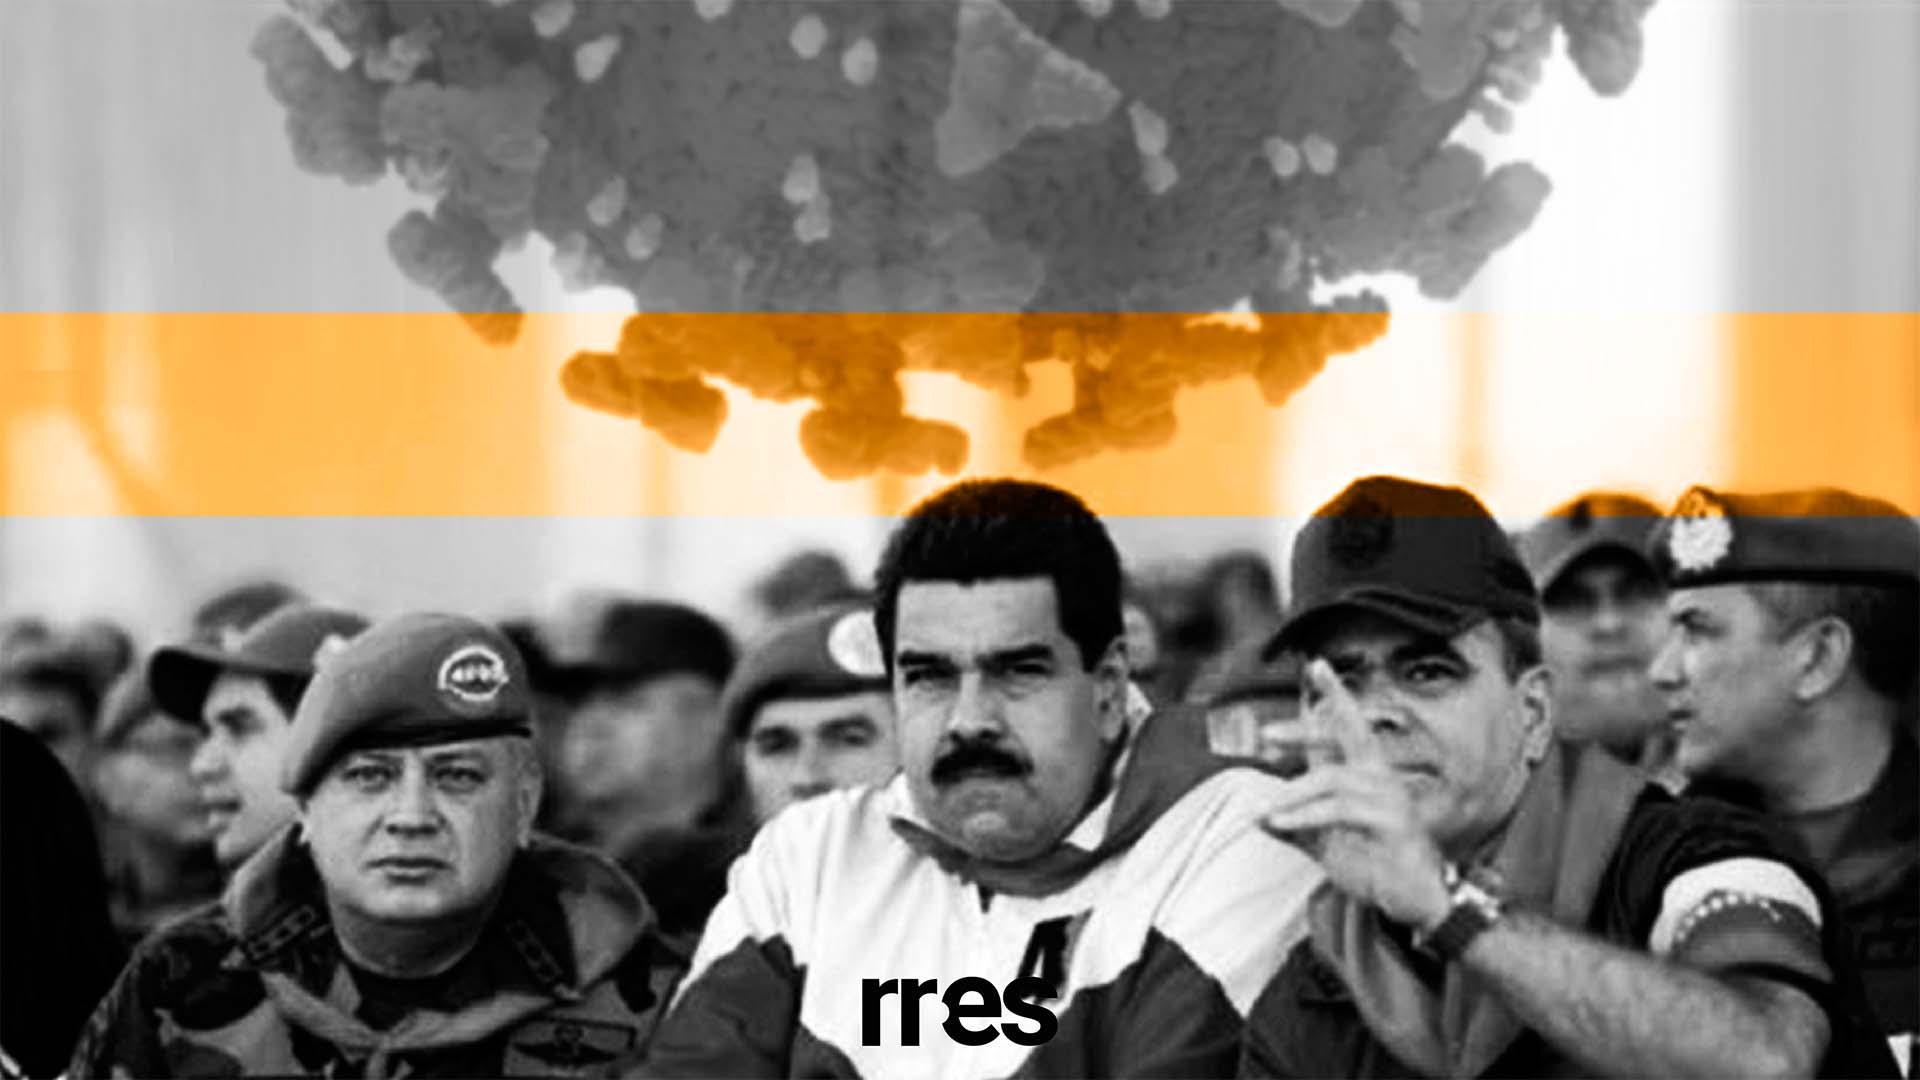 La covid-19 es la verdadera oposición al régimen, por Froilan Barrios Nieves*